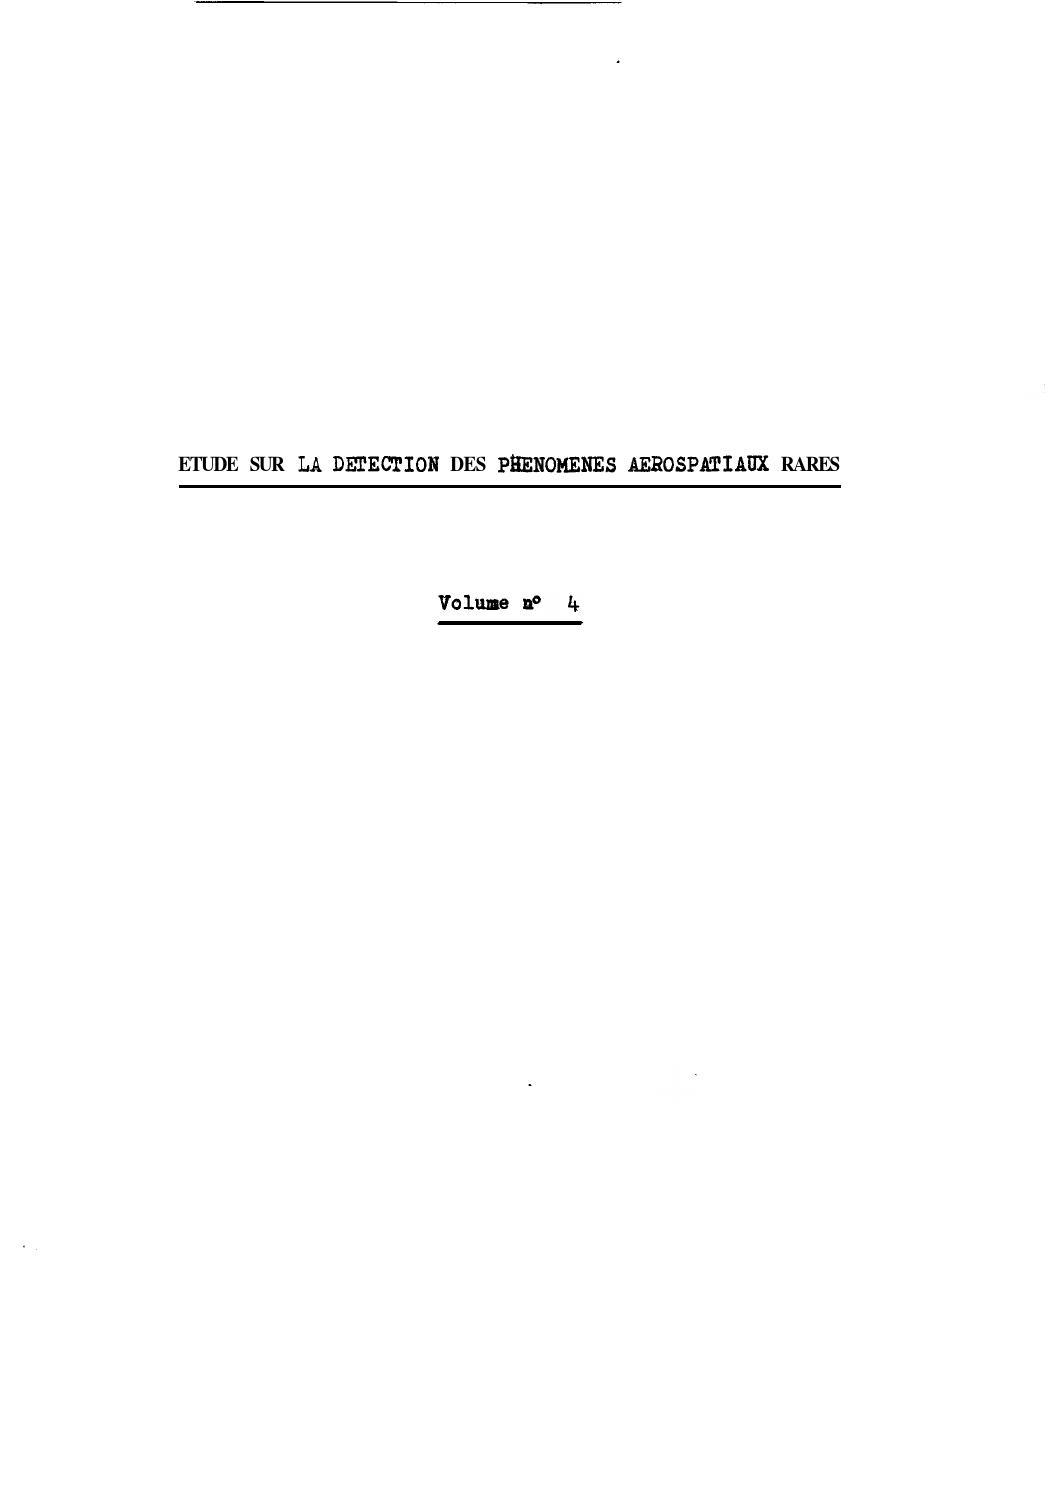 Circuit Breakers Bulletin 1489 M Thermal Magnetic Circuit Breakers